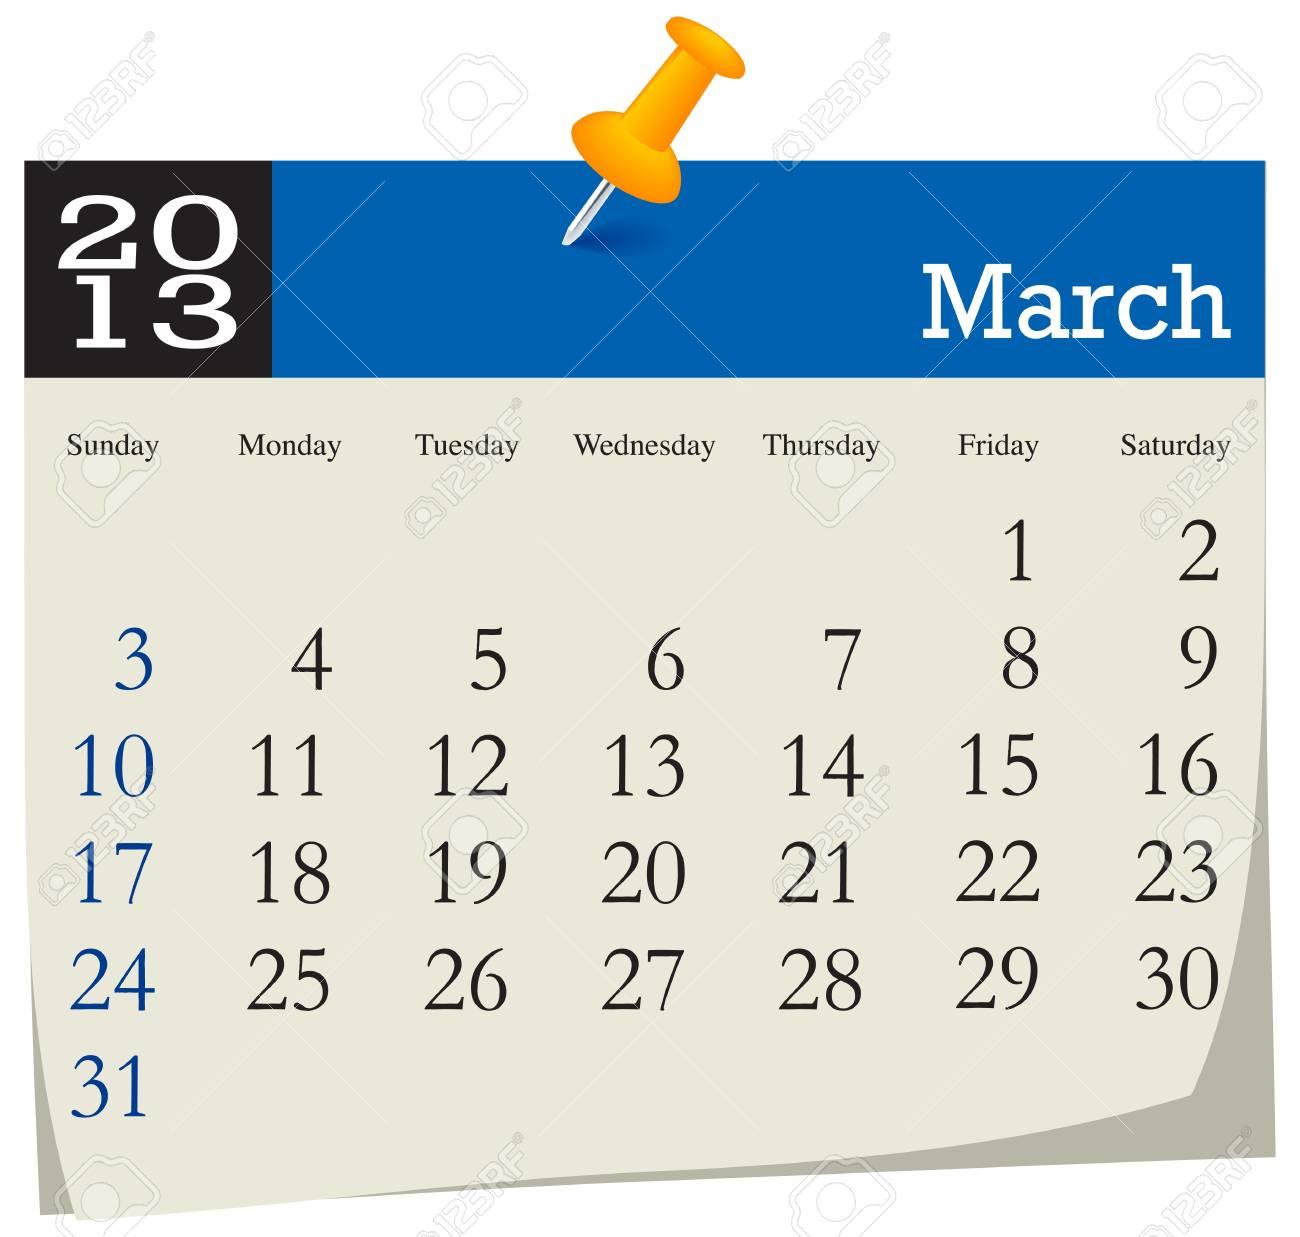 March 2013 Calendar Stock Vector - 16439803